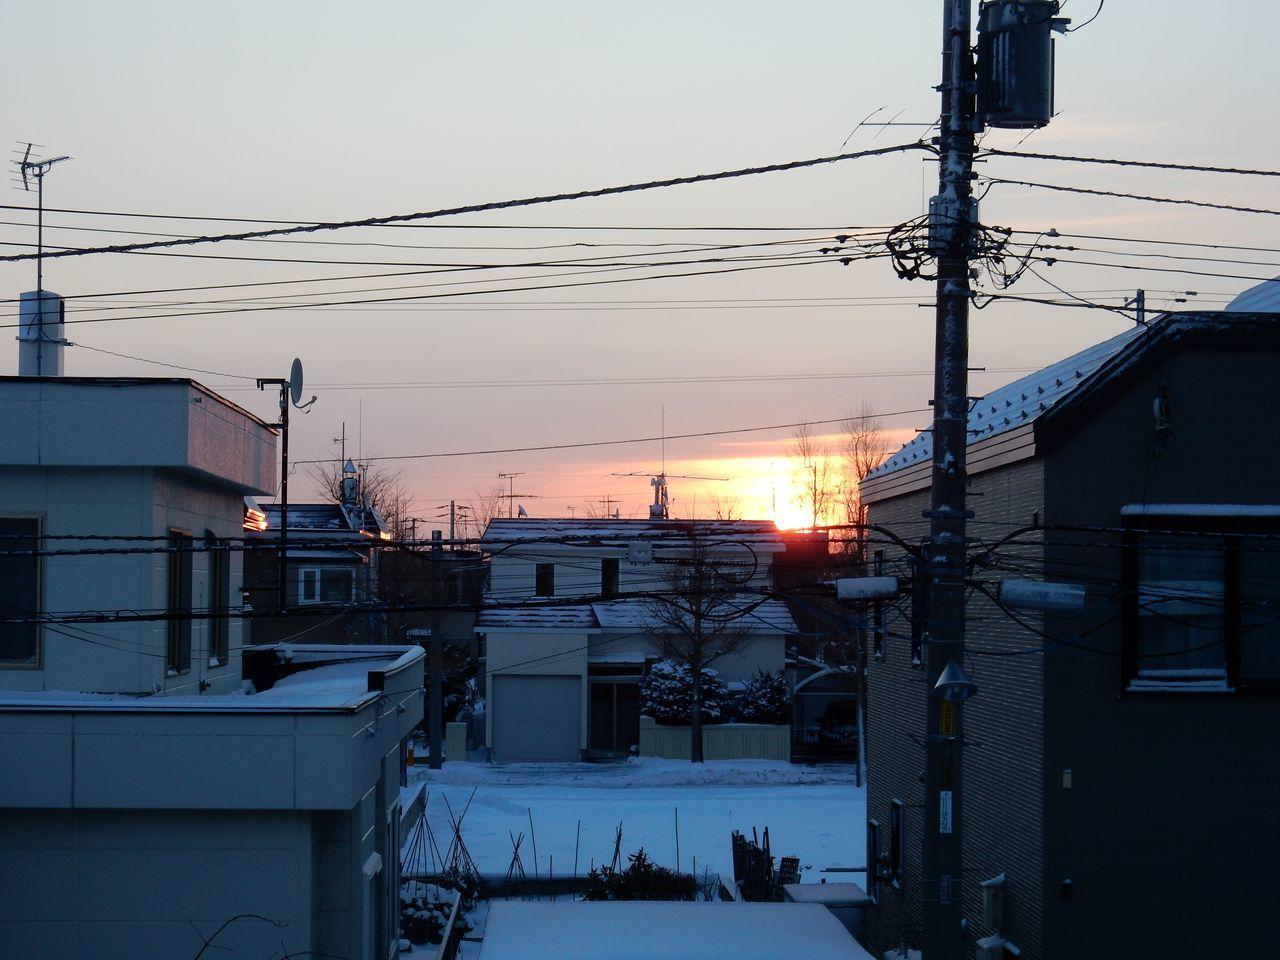 冬至から4日後の日の出_c0025115_22224361.jpg